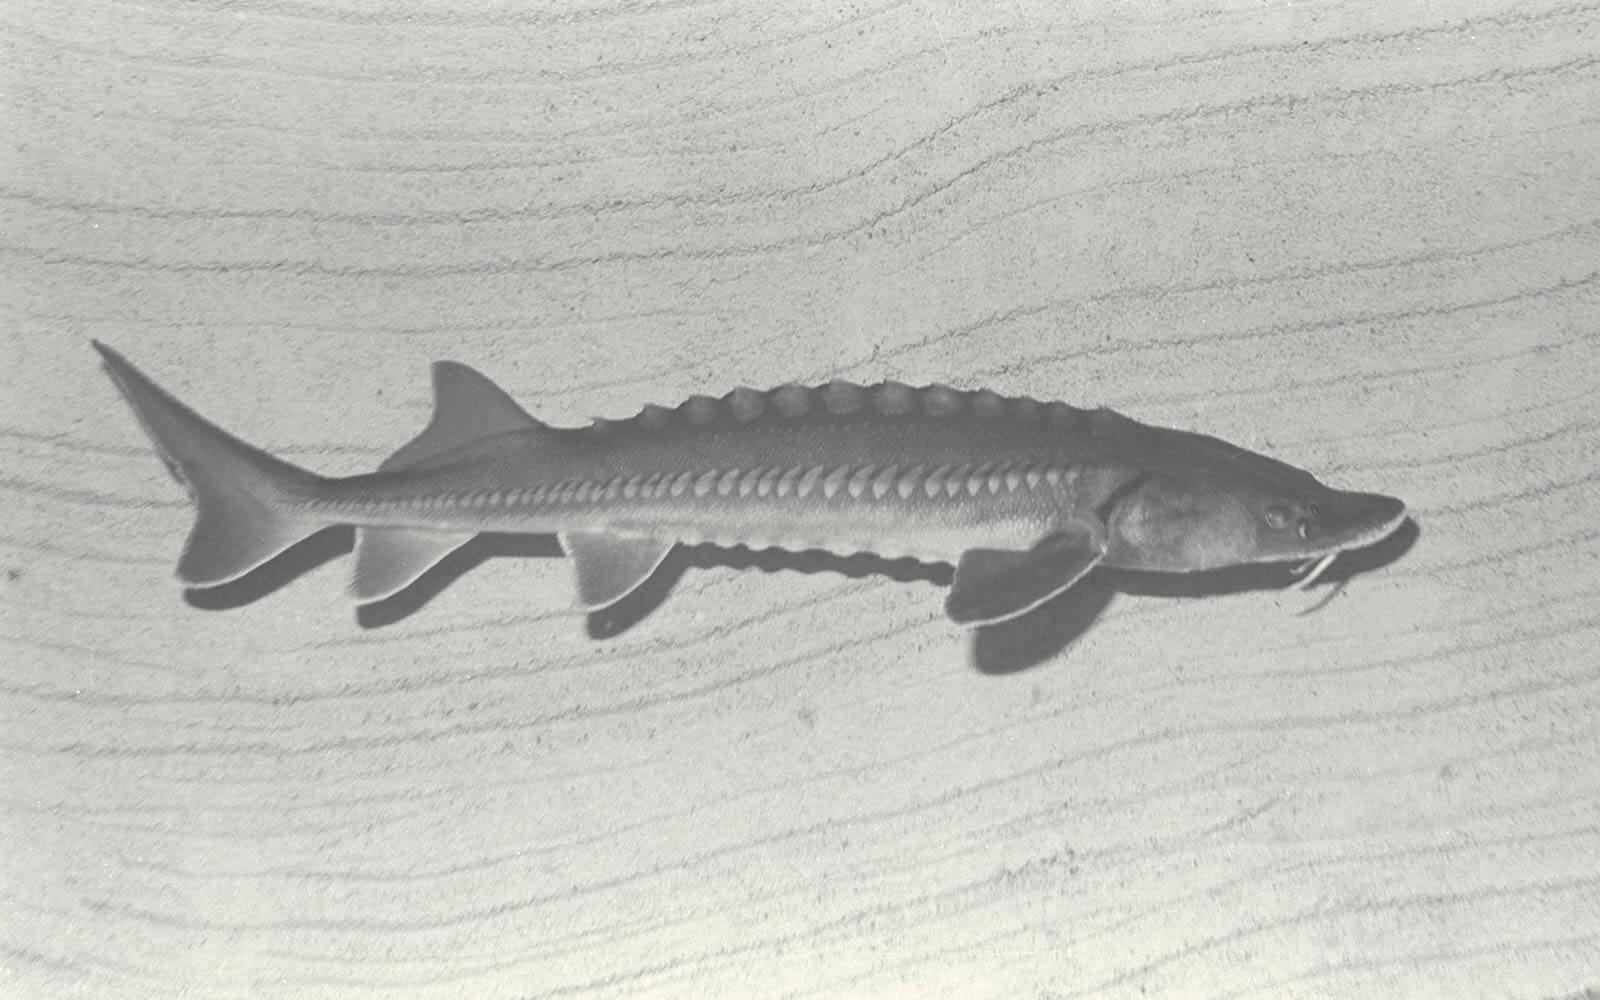 シアトル市からのシロチョウザメ